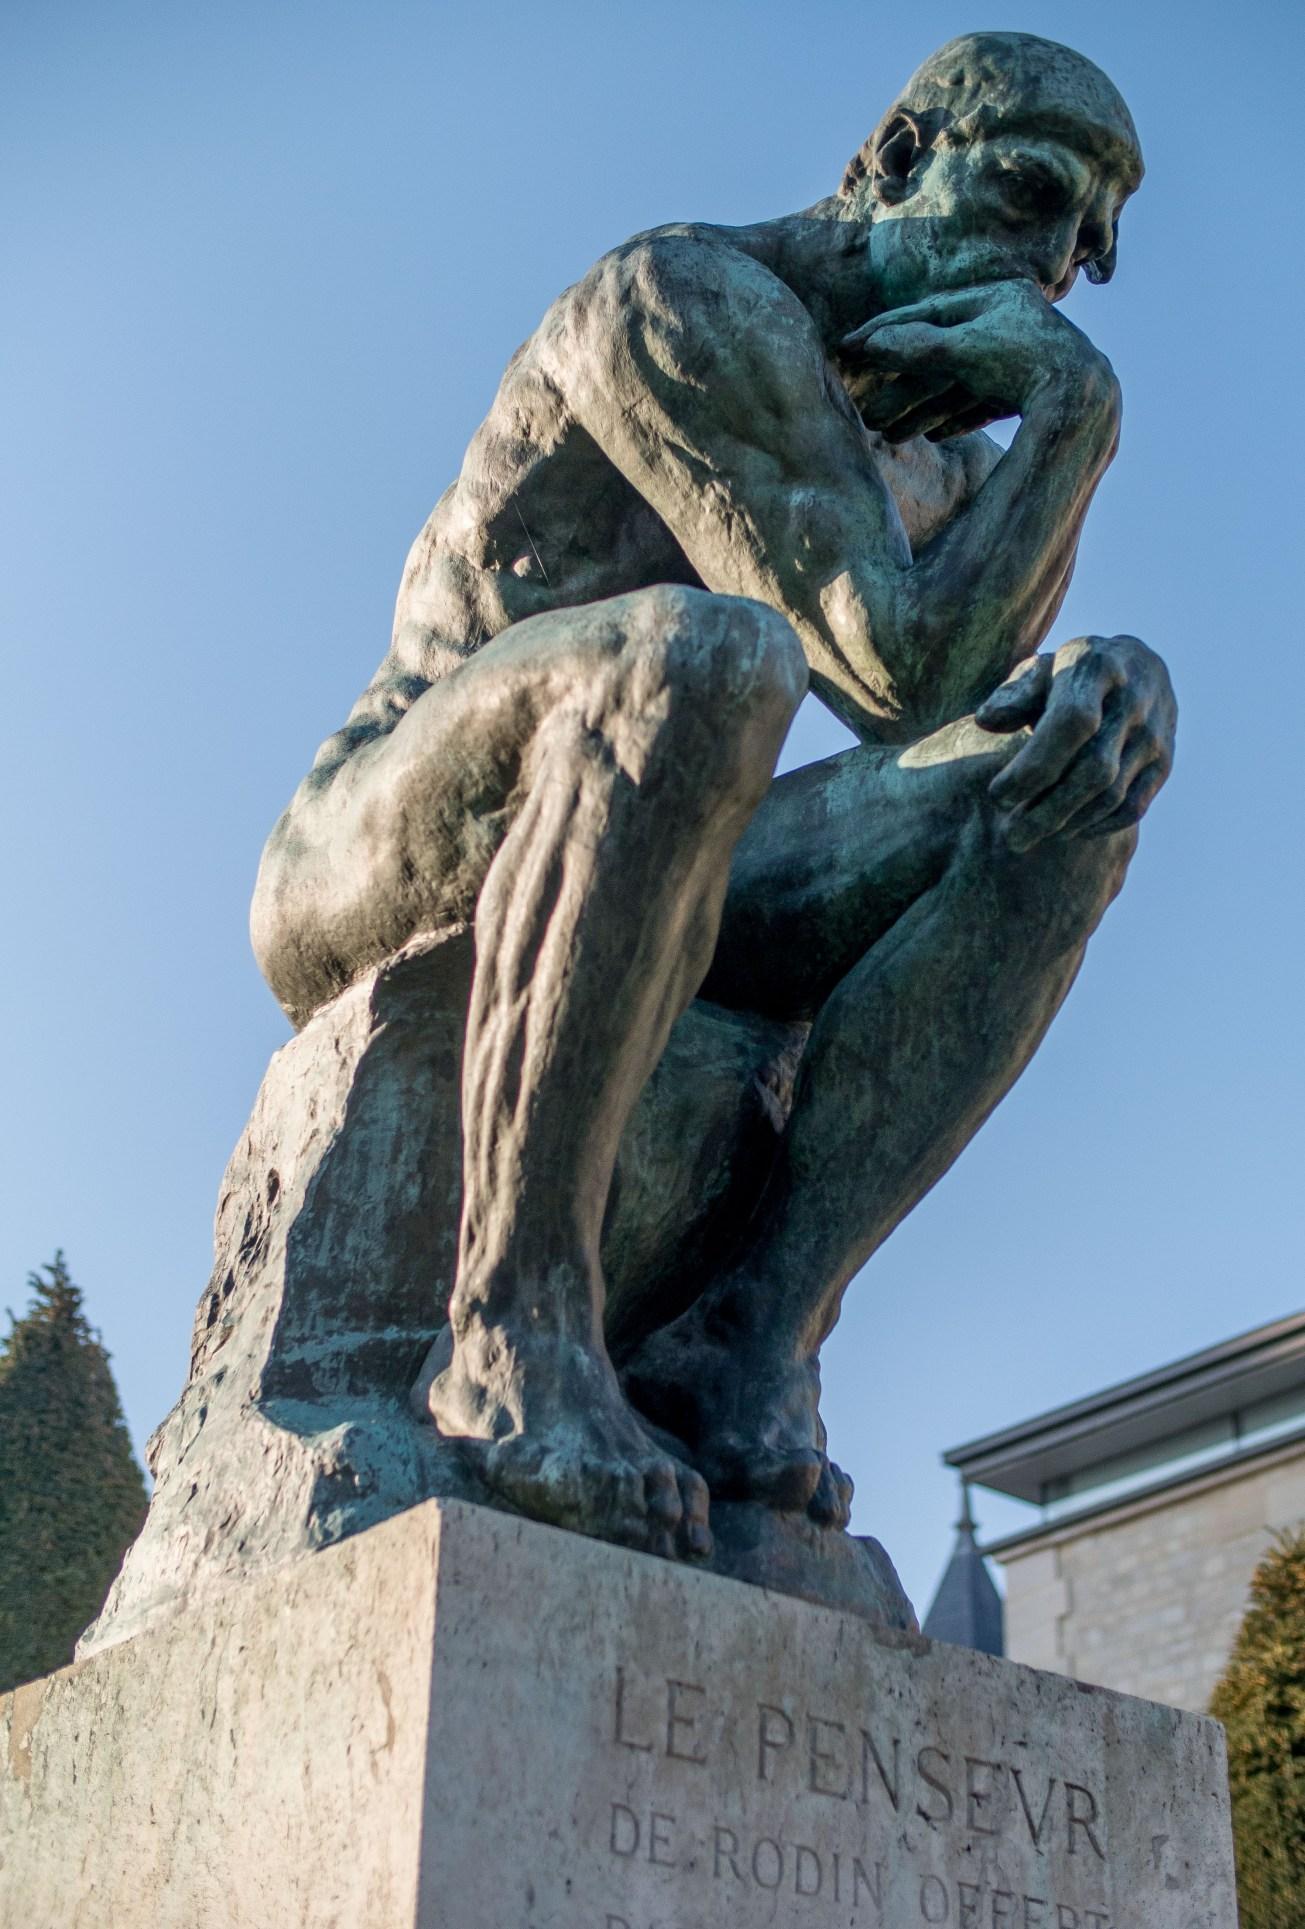 Le_Penseur_in_the_Jardin_du_Musée_Rodin,_Paris_March_2014